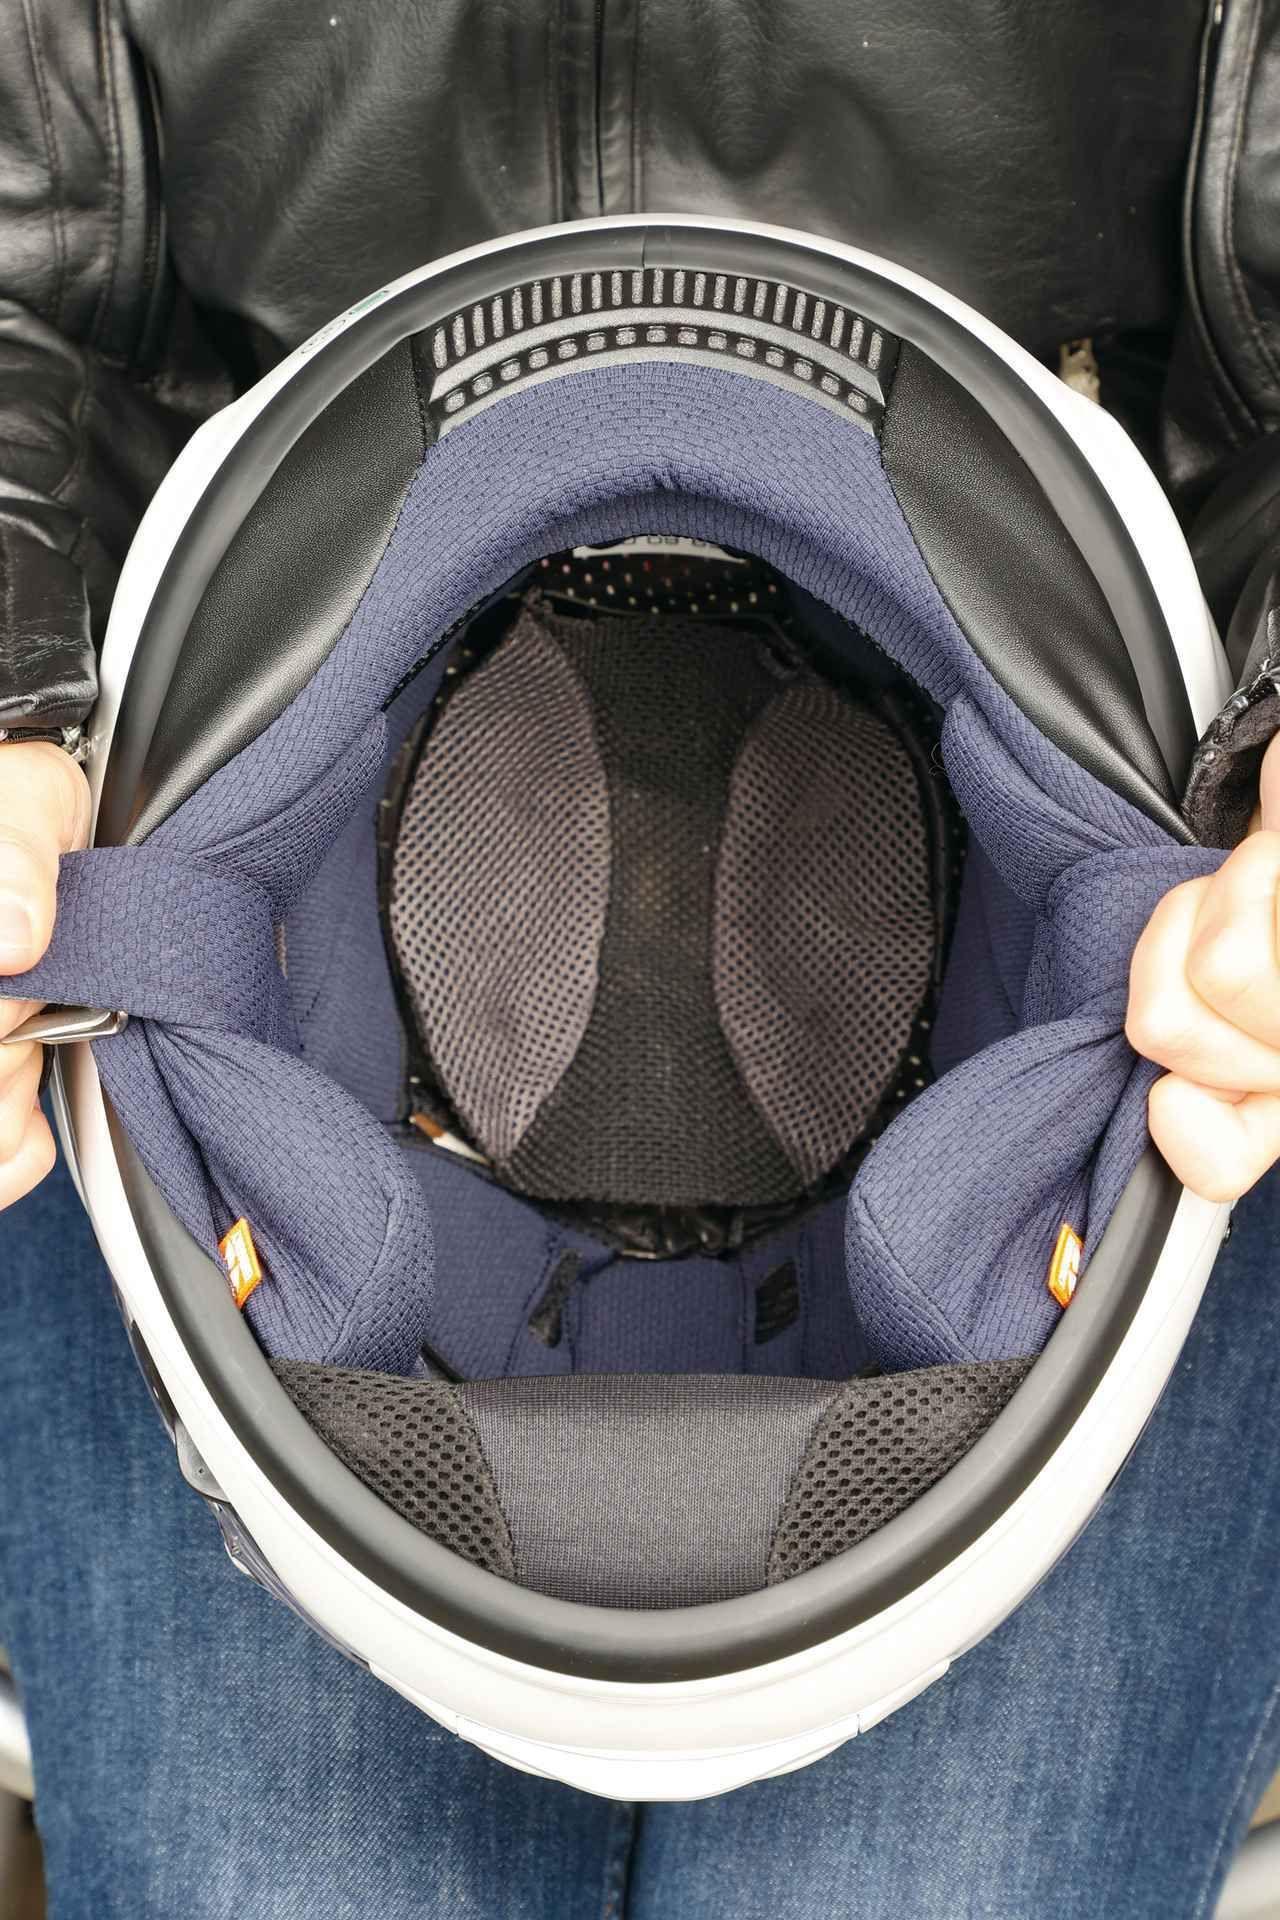 画像: 長時間被り続けても疲れないようにフィット性をチューニングした内装システムを採用。帽体の裾を前後左右に5㎜づつ広げたことで被り脱ぎもスムーズ。